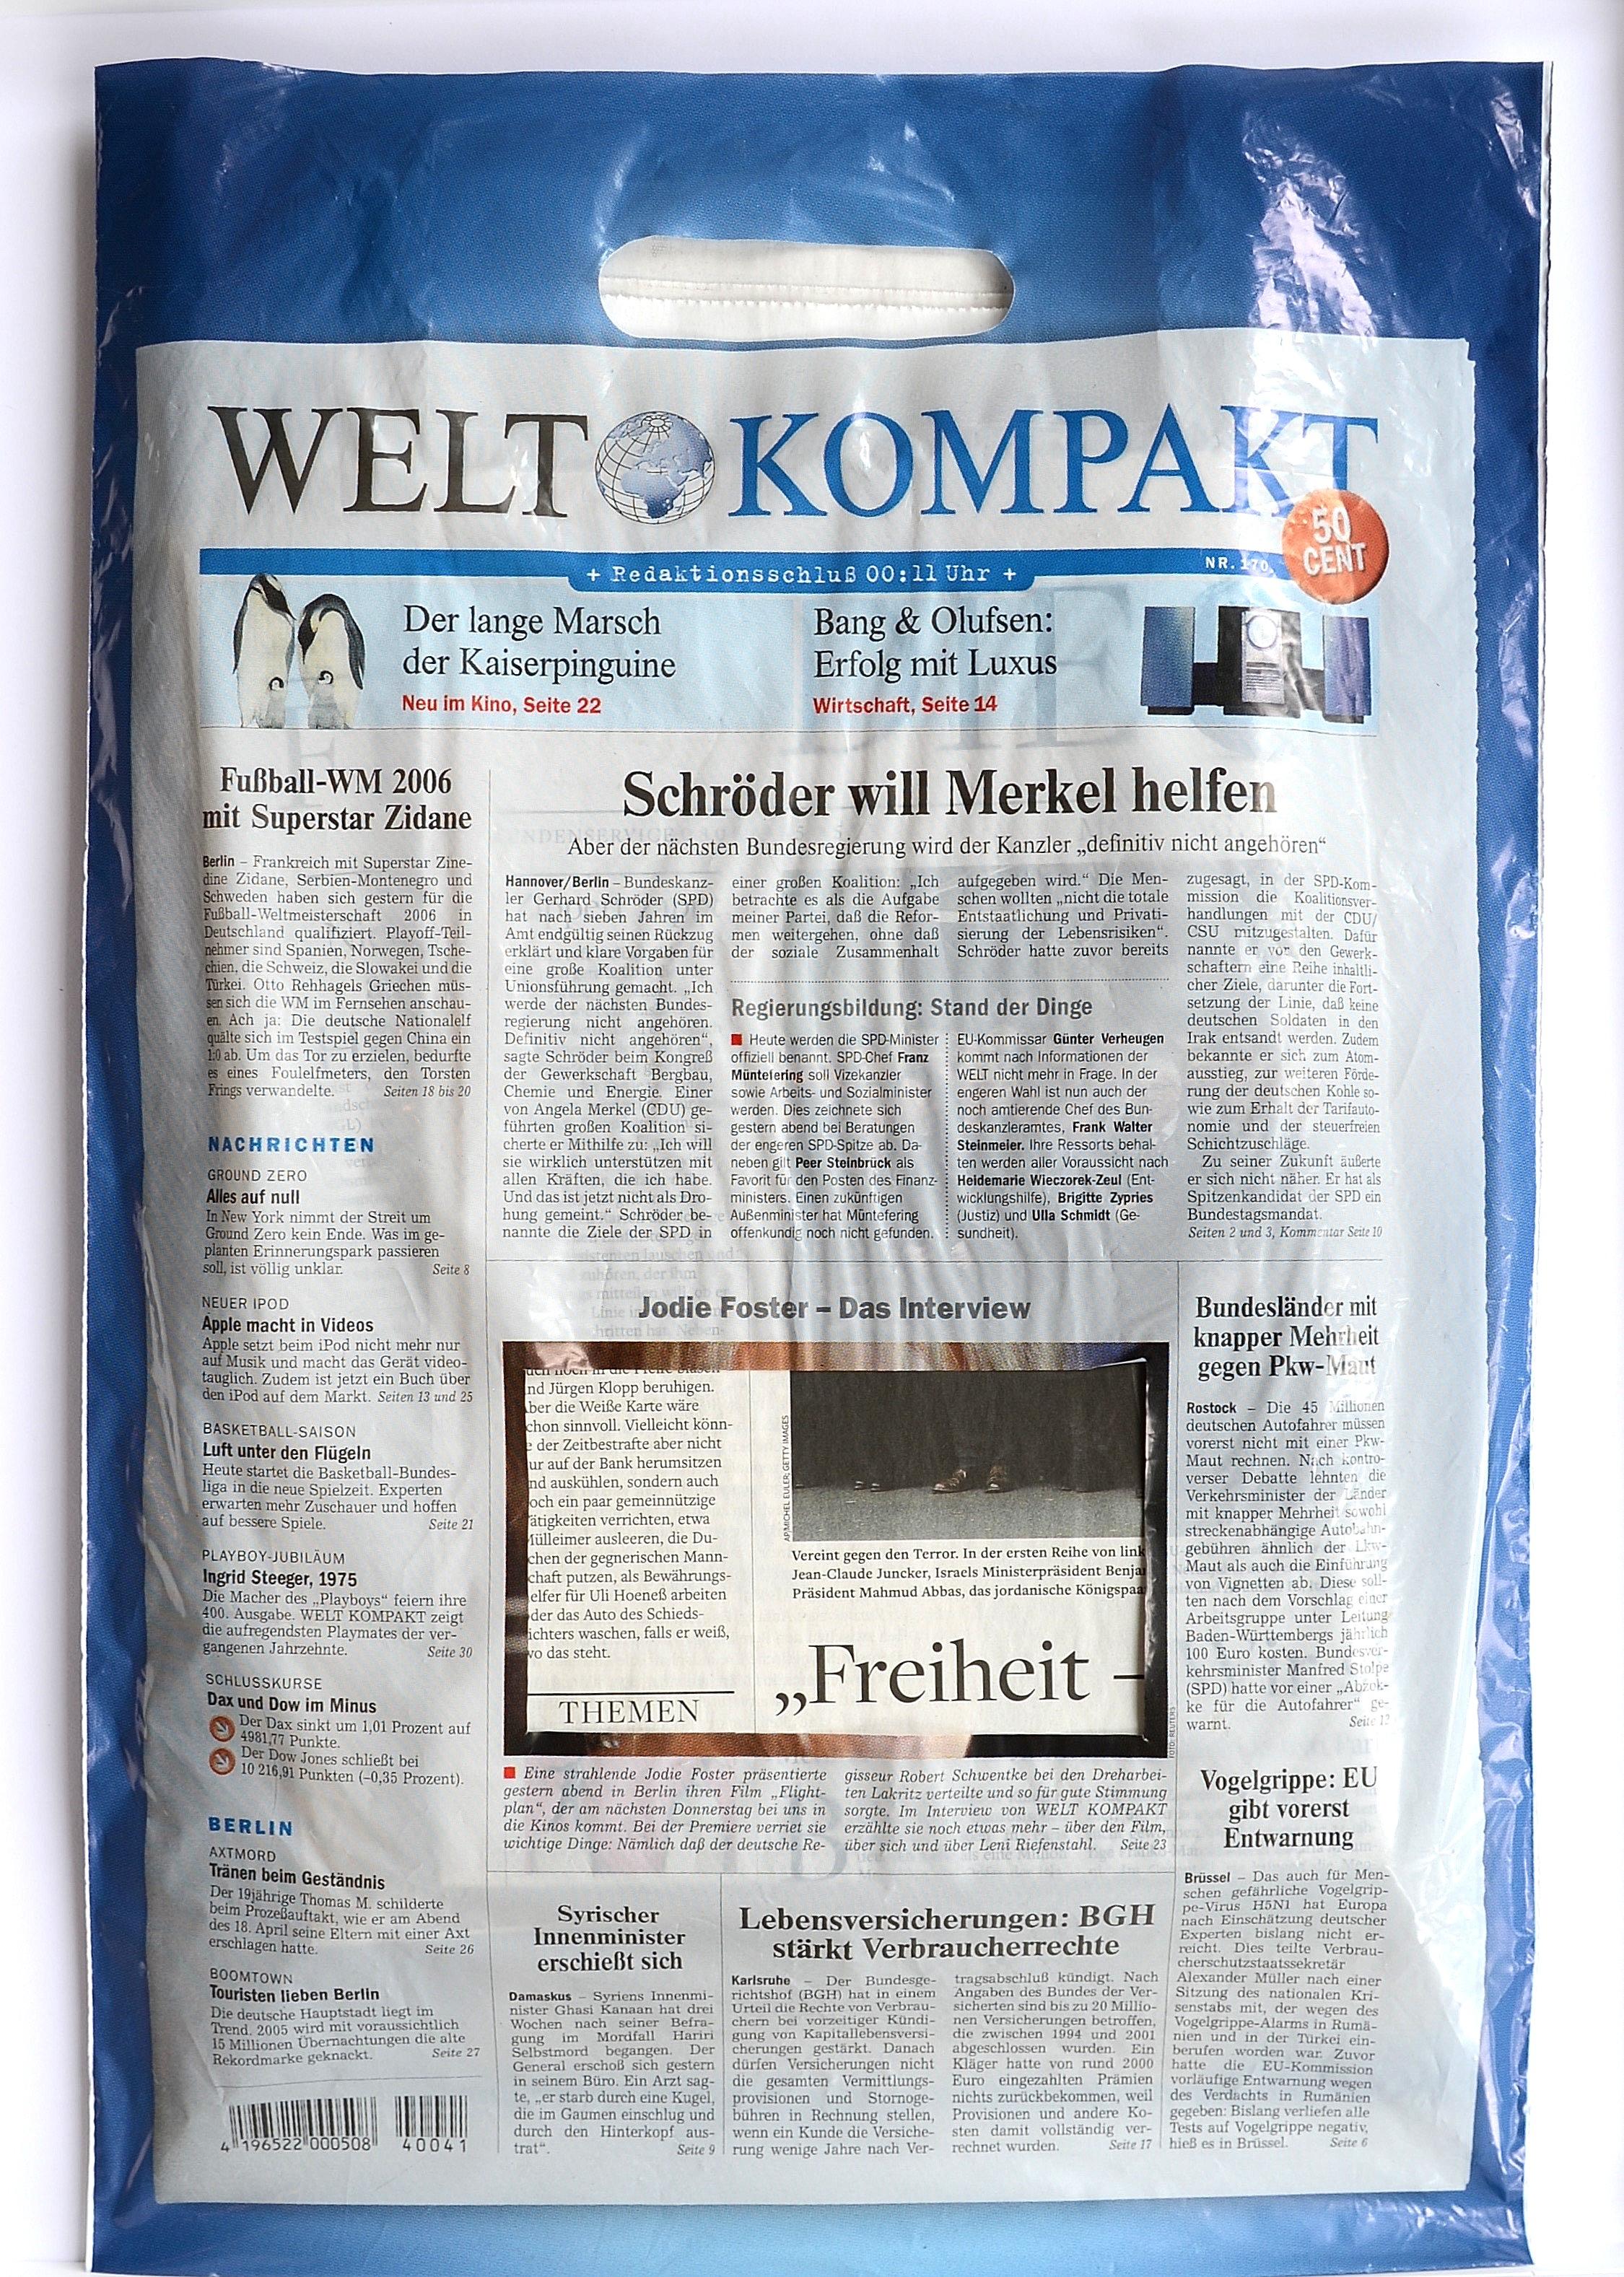 Roland Schefferski, Welt Kompakt, 2015